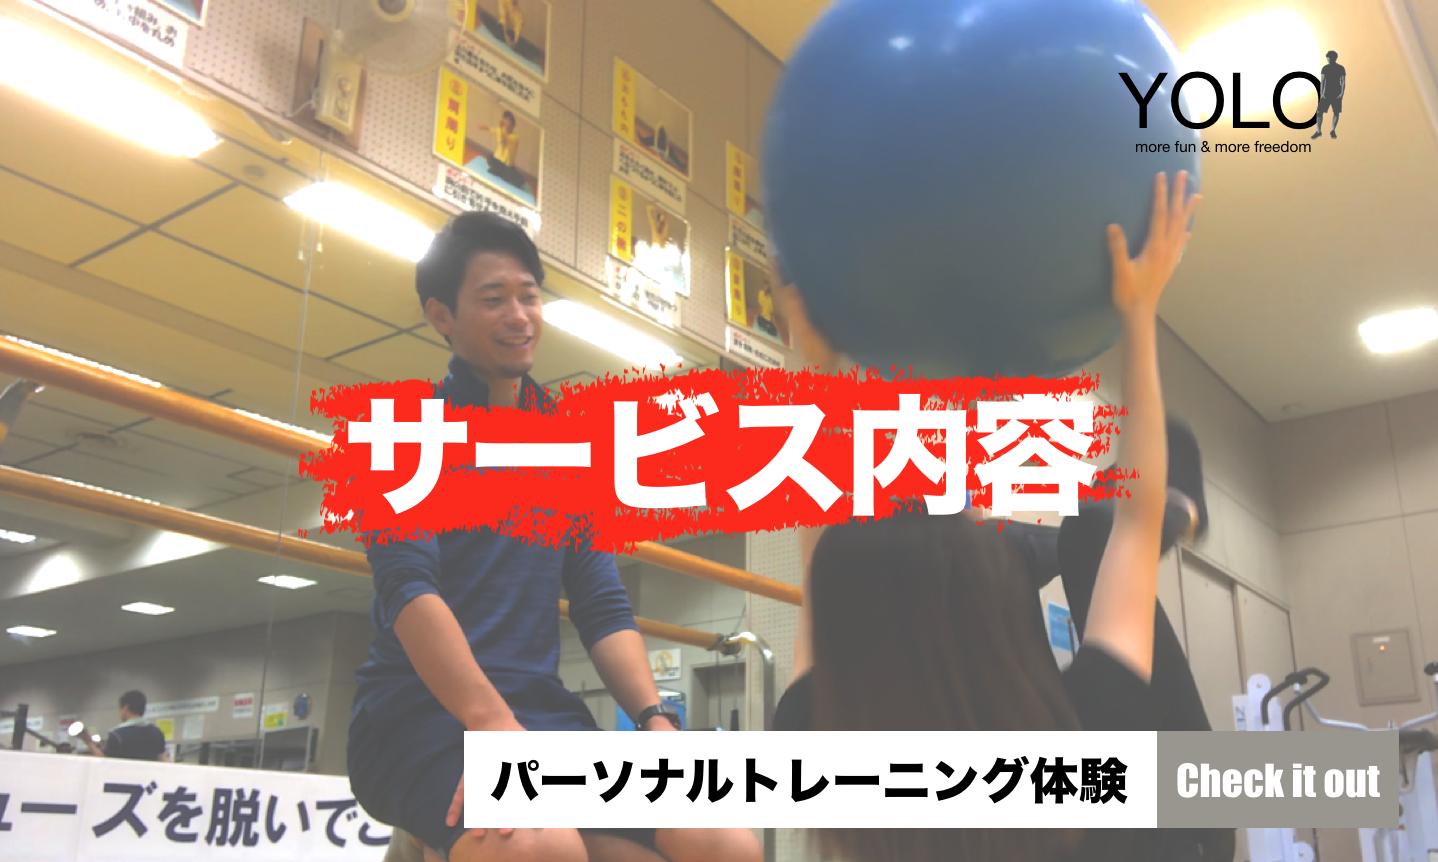 福岡市内 出張パーソナルトレーニング YOLO ダイエット 内容